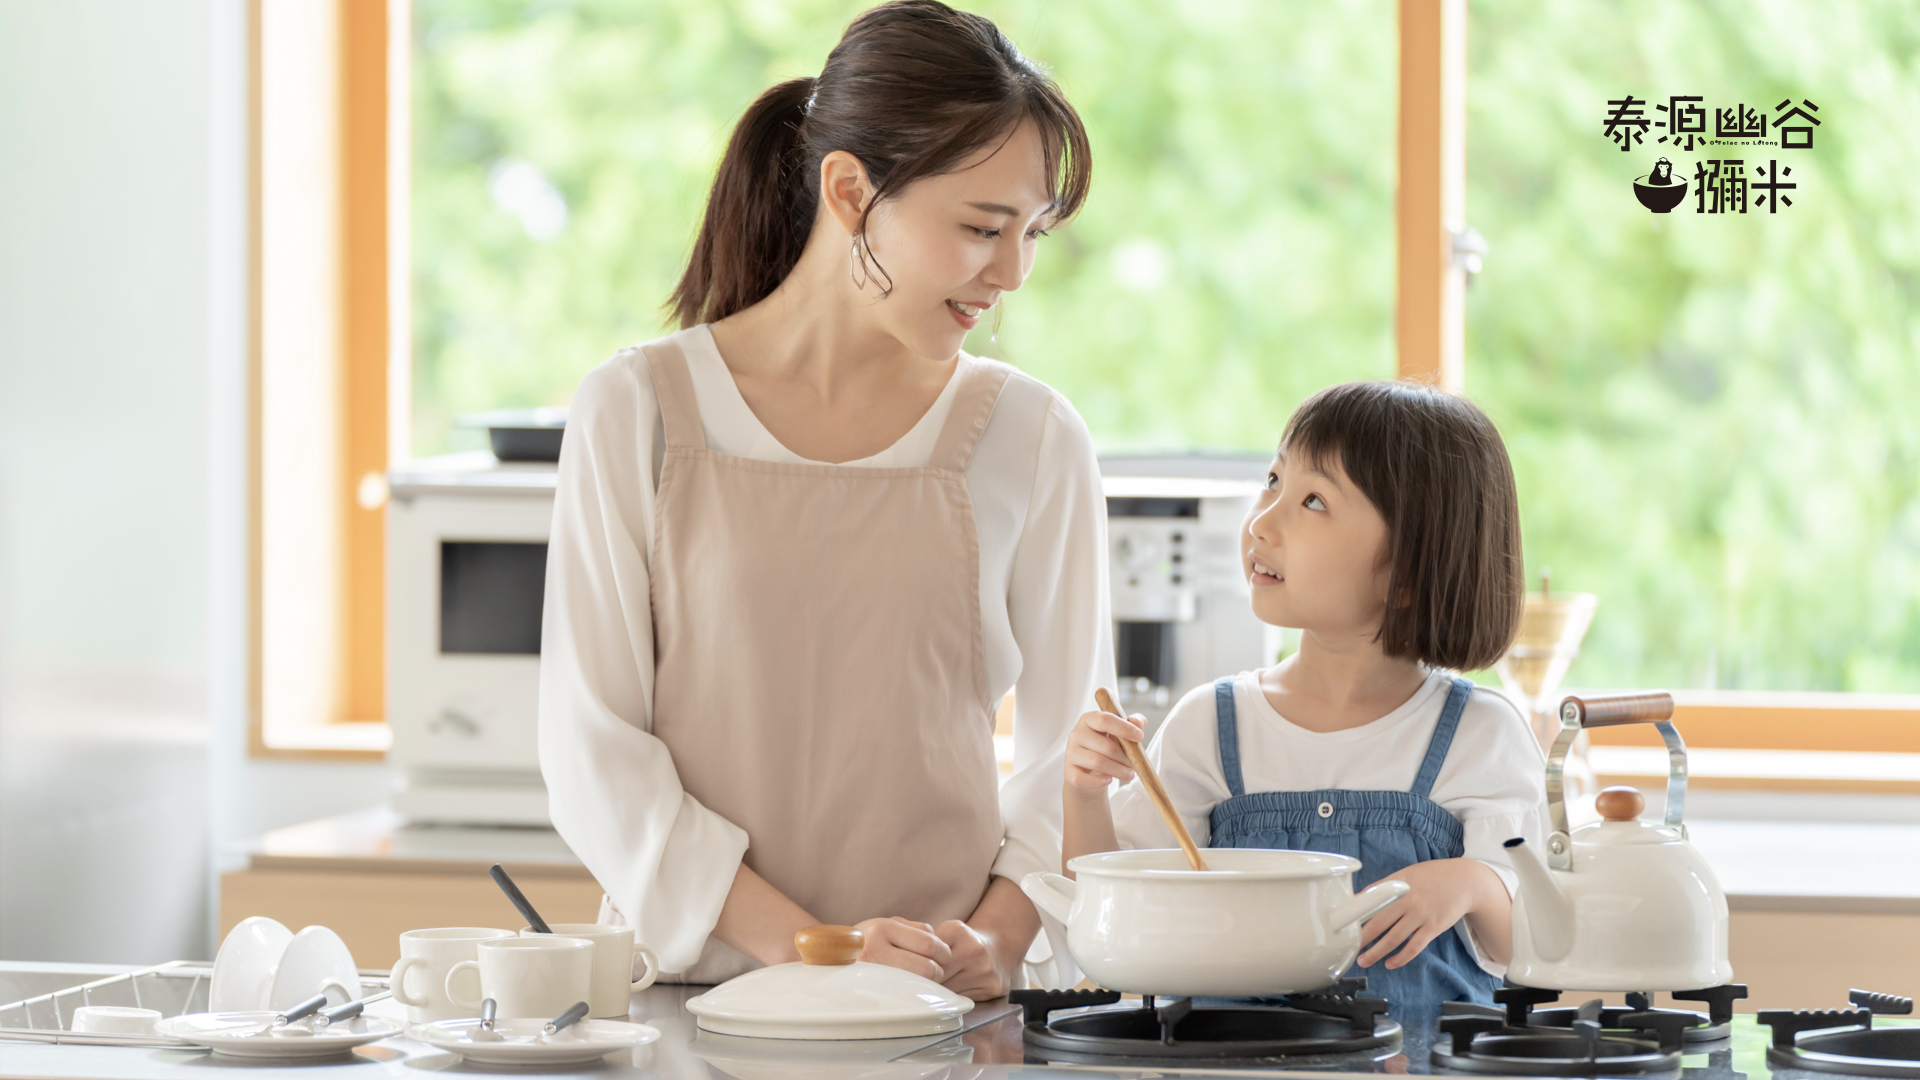 媽媽與小孩一起在廚房煮飯